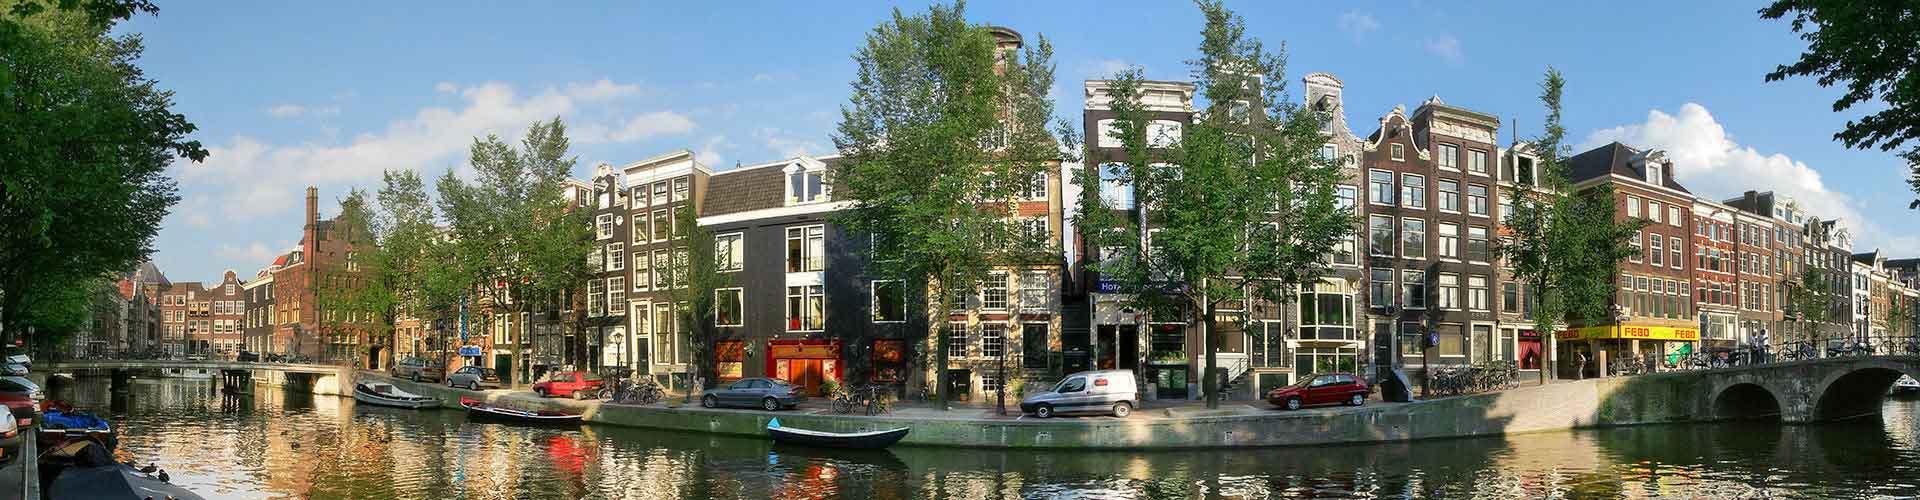 Amsterdam - Hôtels près de City Center. Cartes pour Amsterdam, photos et commentaires pour chaque Hôtel à Amsterdam.